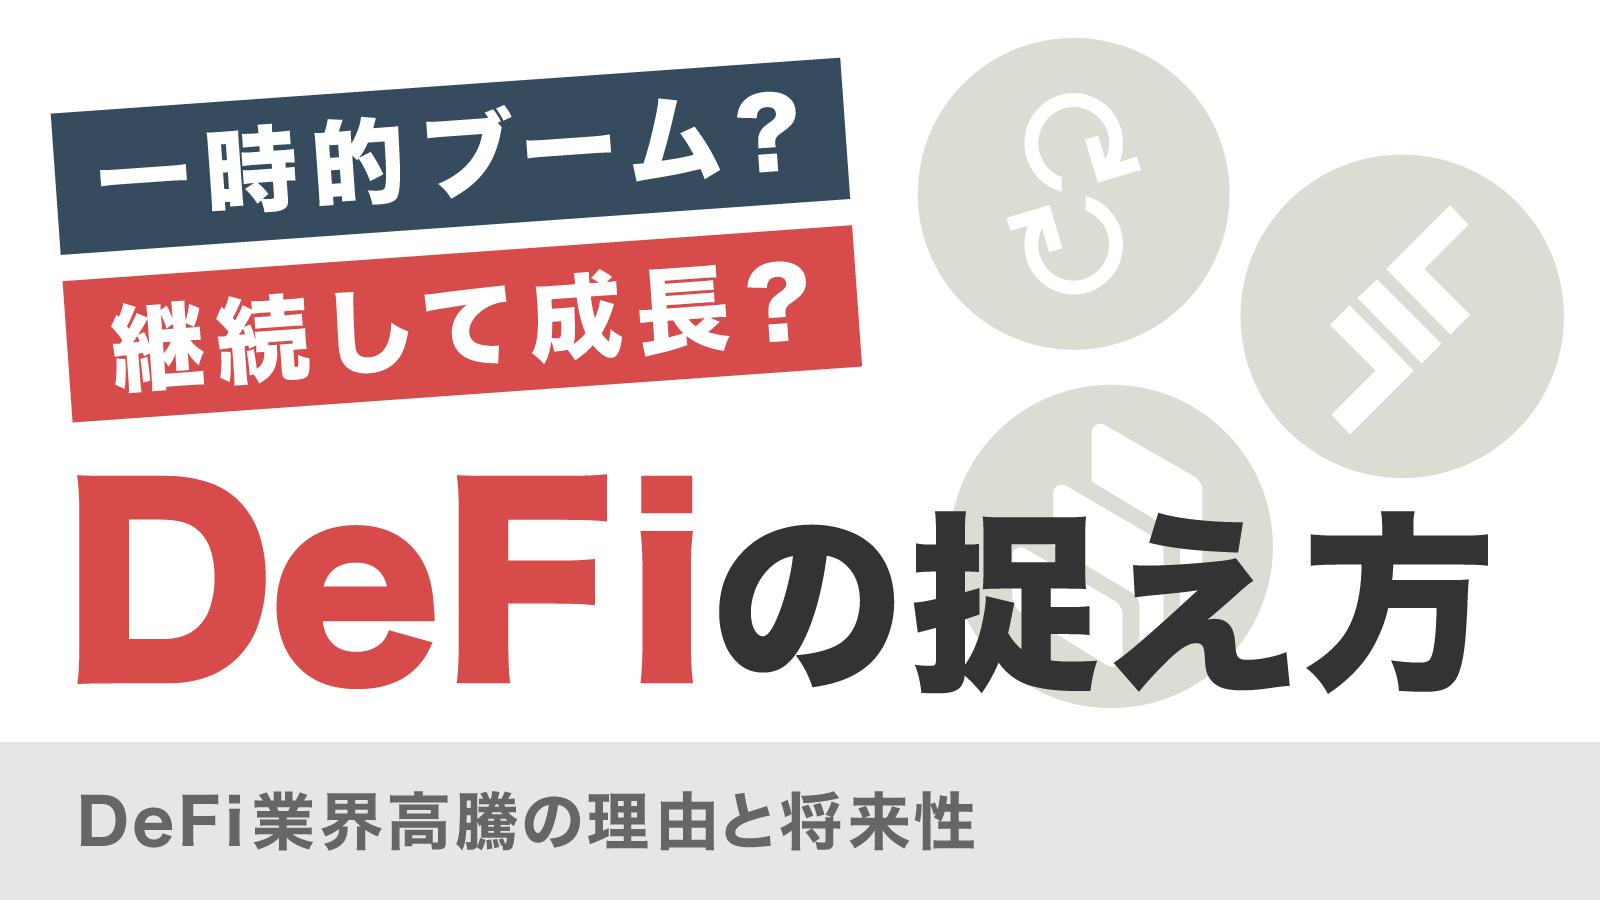 DeFiの捉え方 - DeFi業界高騰の理由と将来性